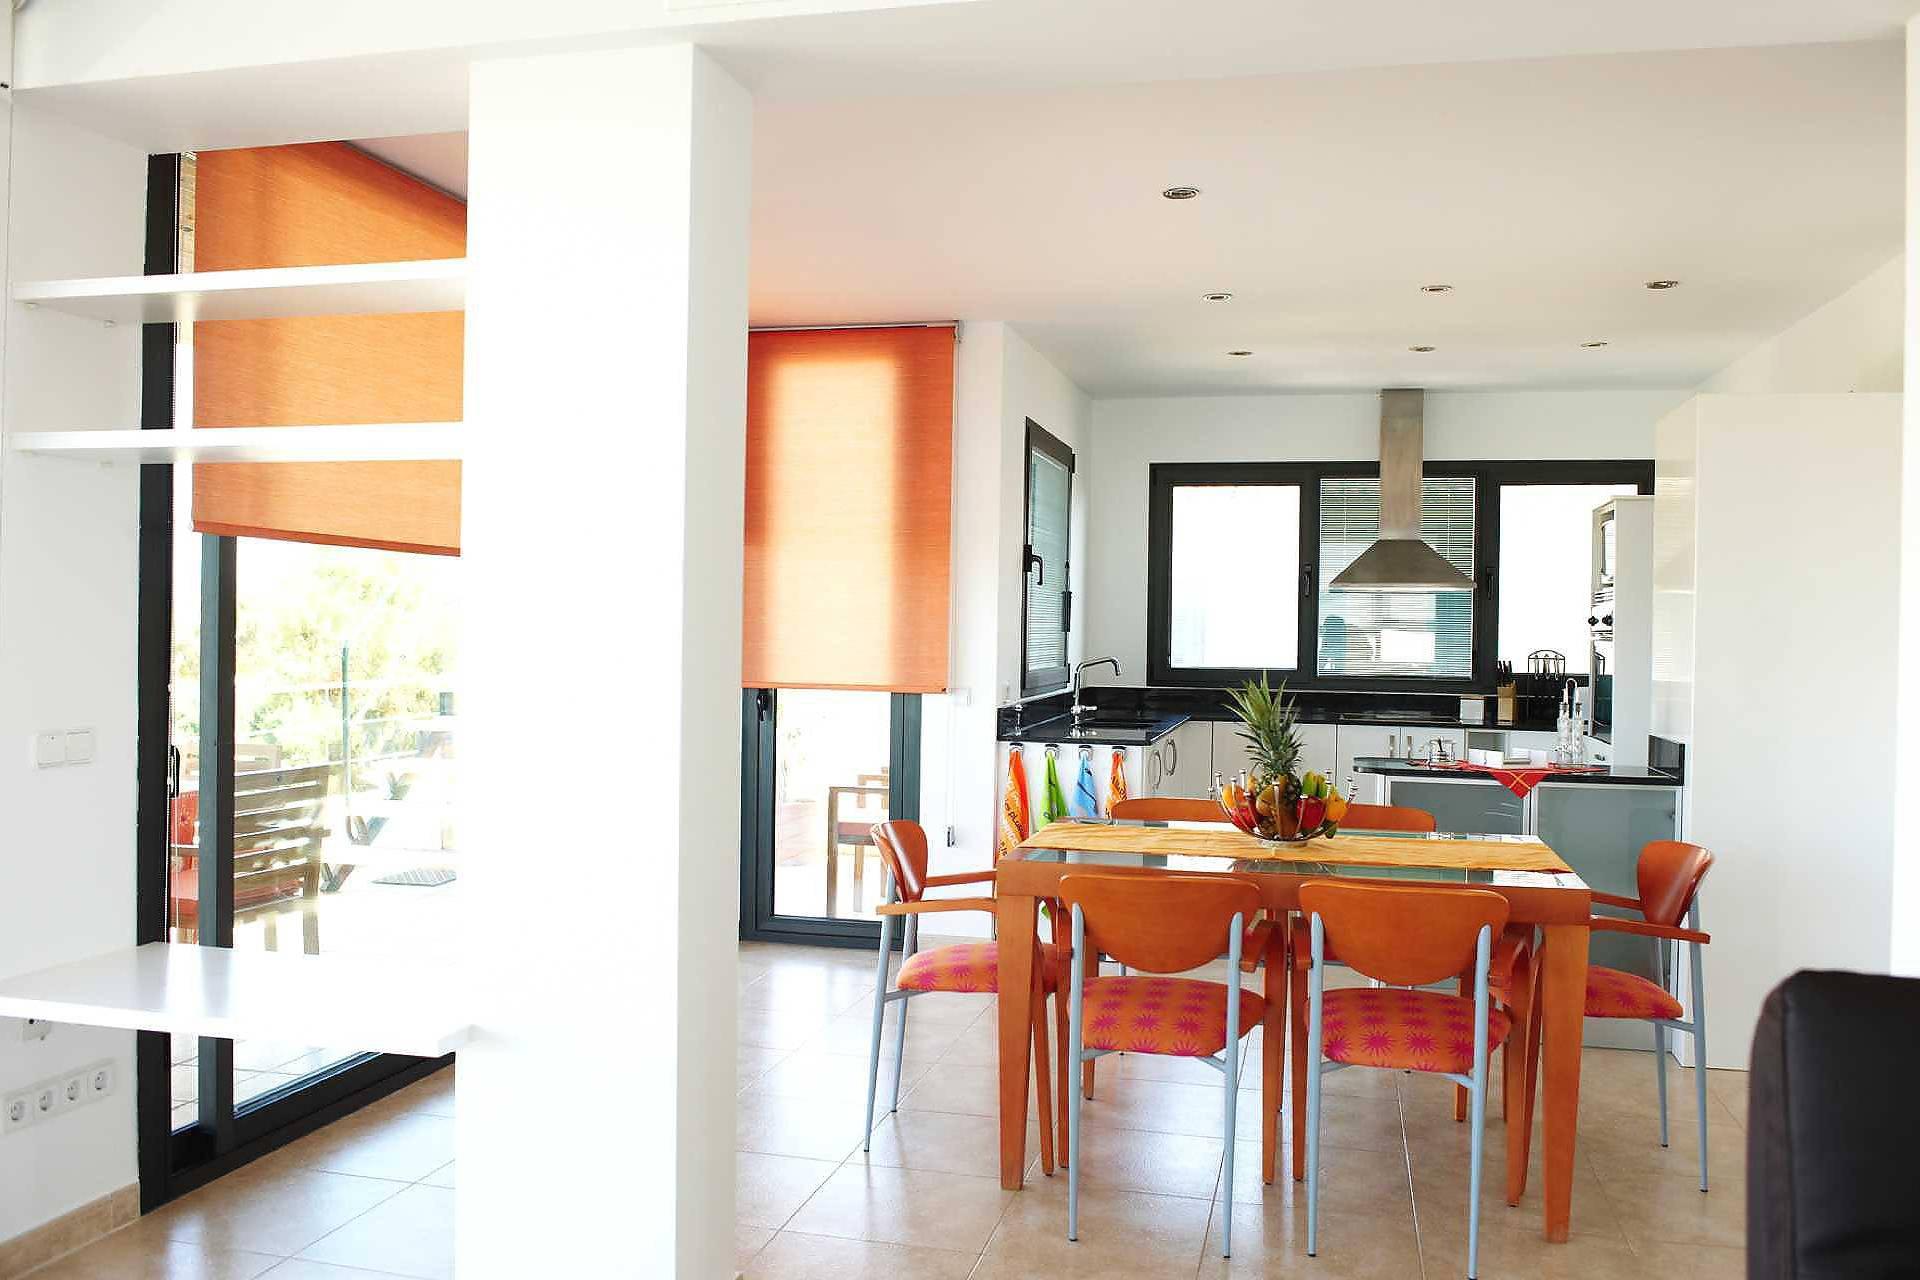 01-68 Moderne Ferienwohnung Mallorca Osten Bild 10